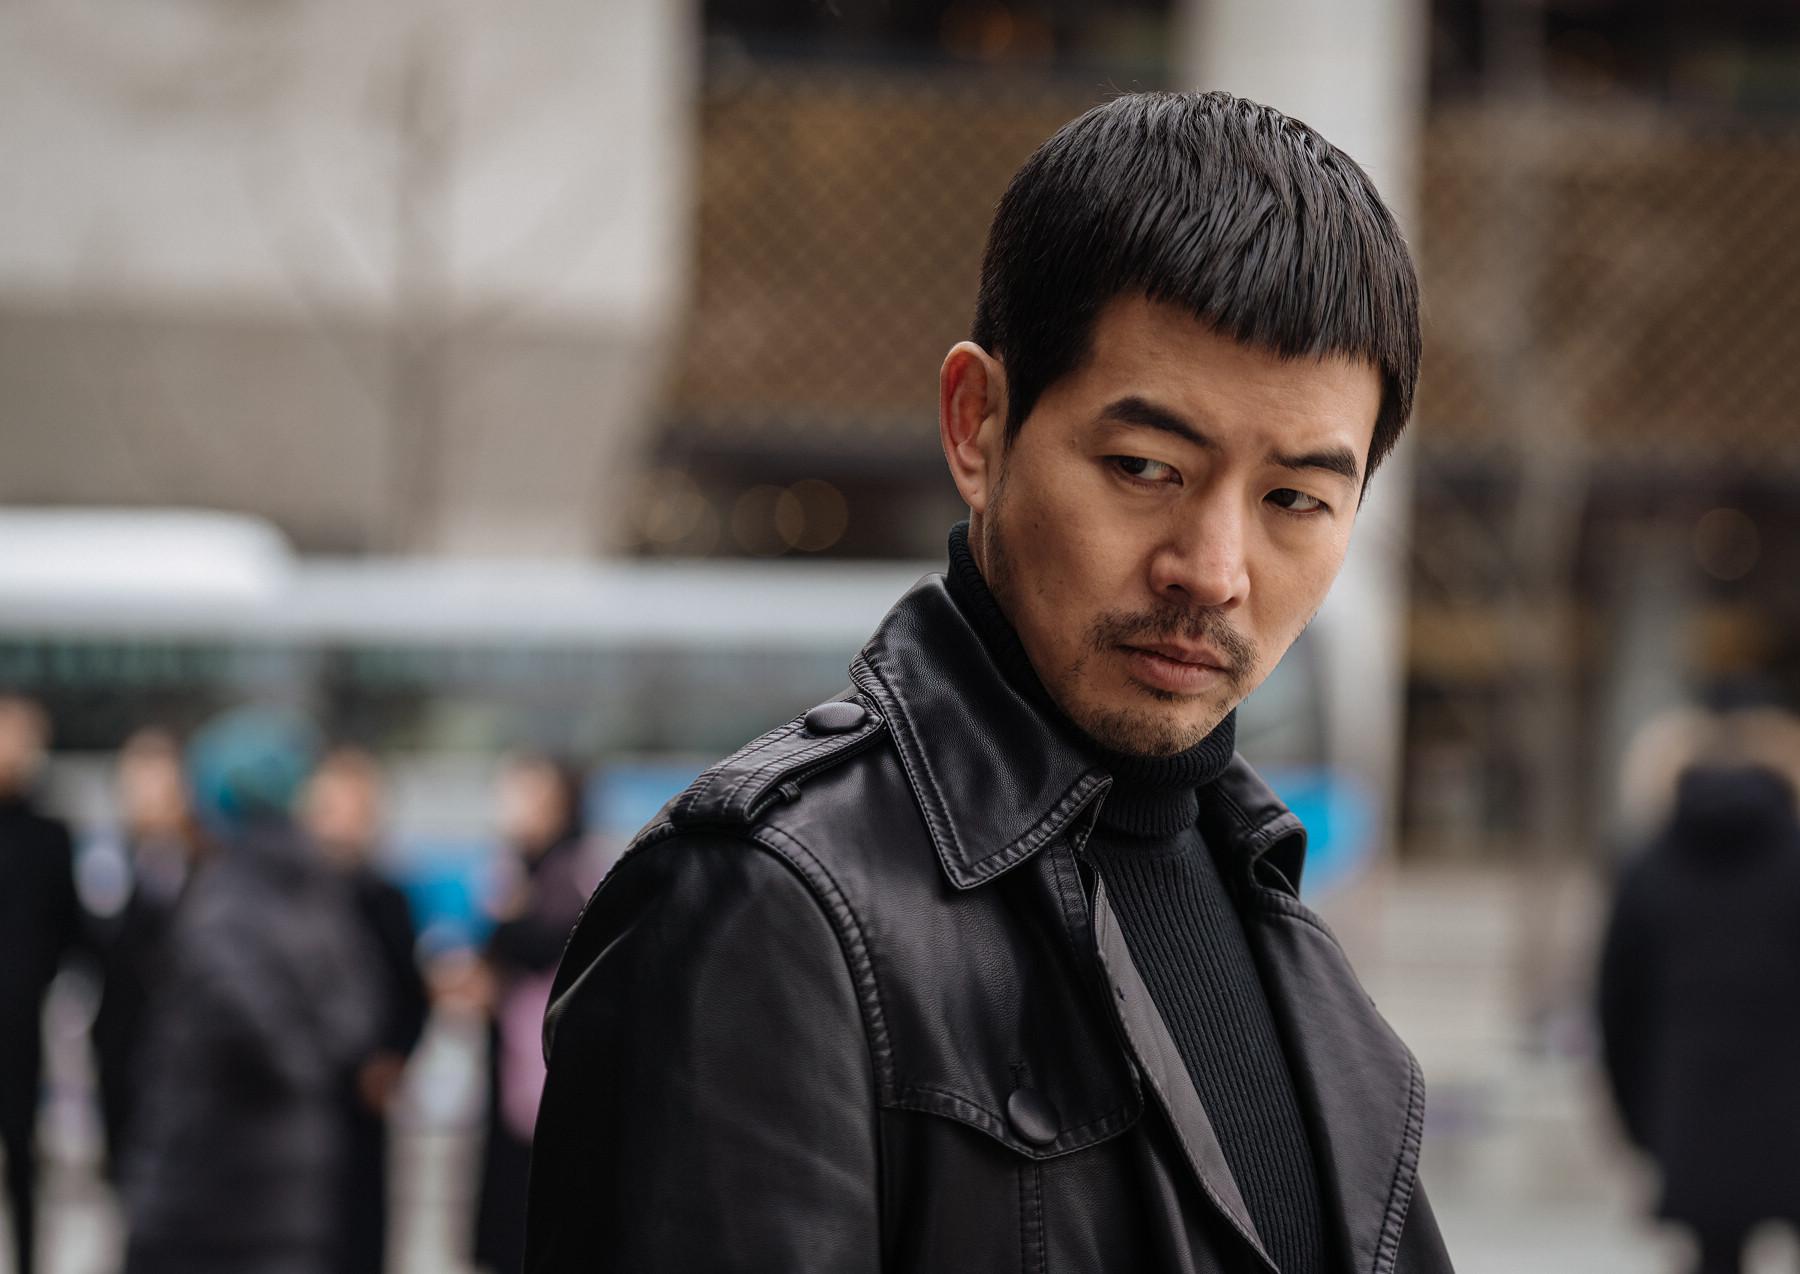 李相侖在片中饰演劫机恐怖份子